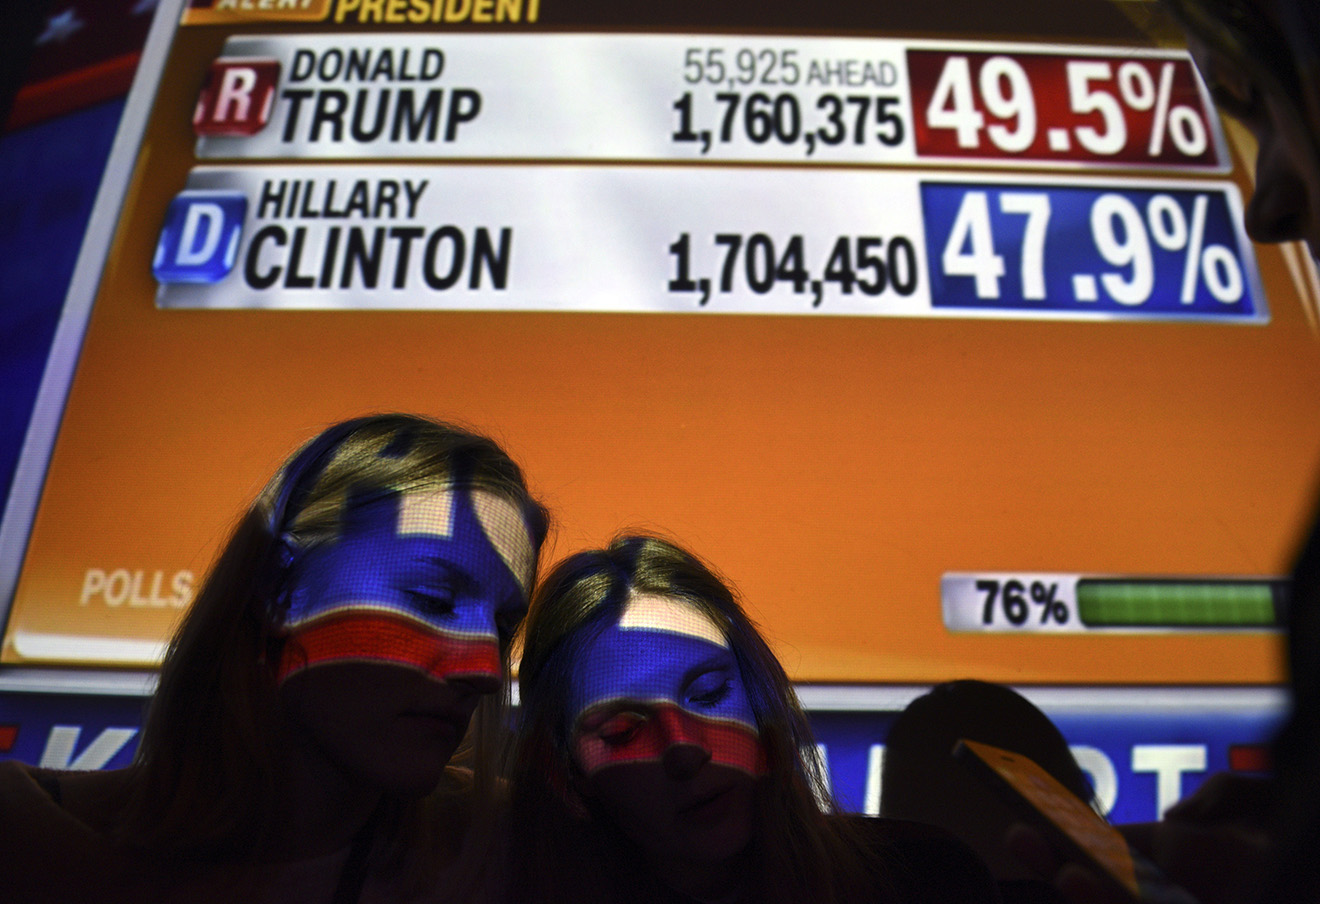 Результаты президентских выборов в США. Фото: Carol Guzy / ТАСС